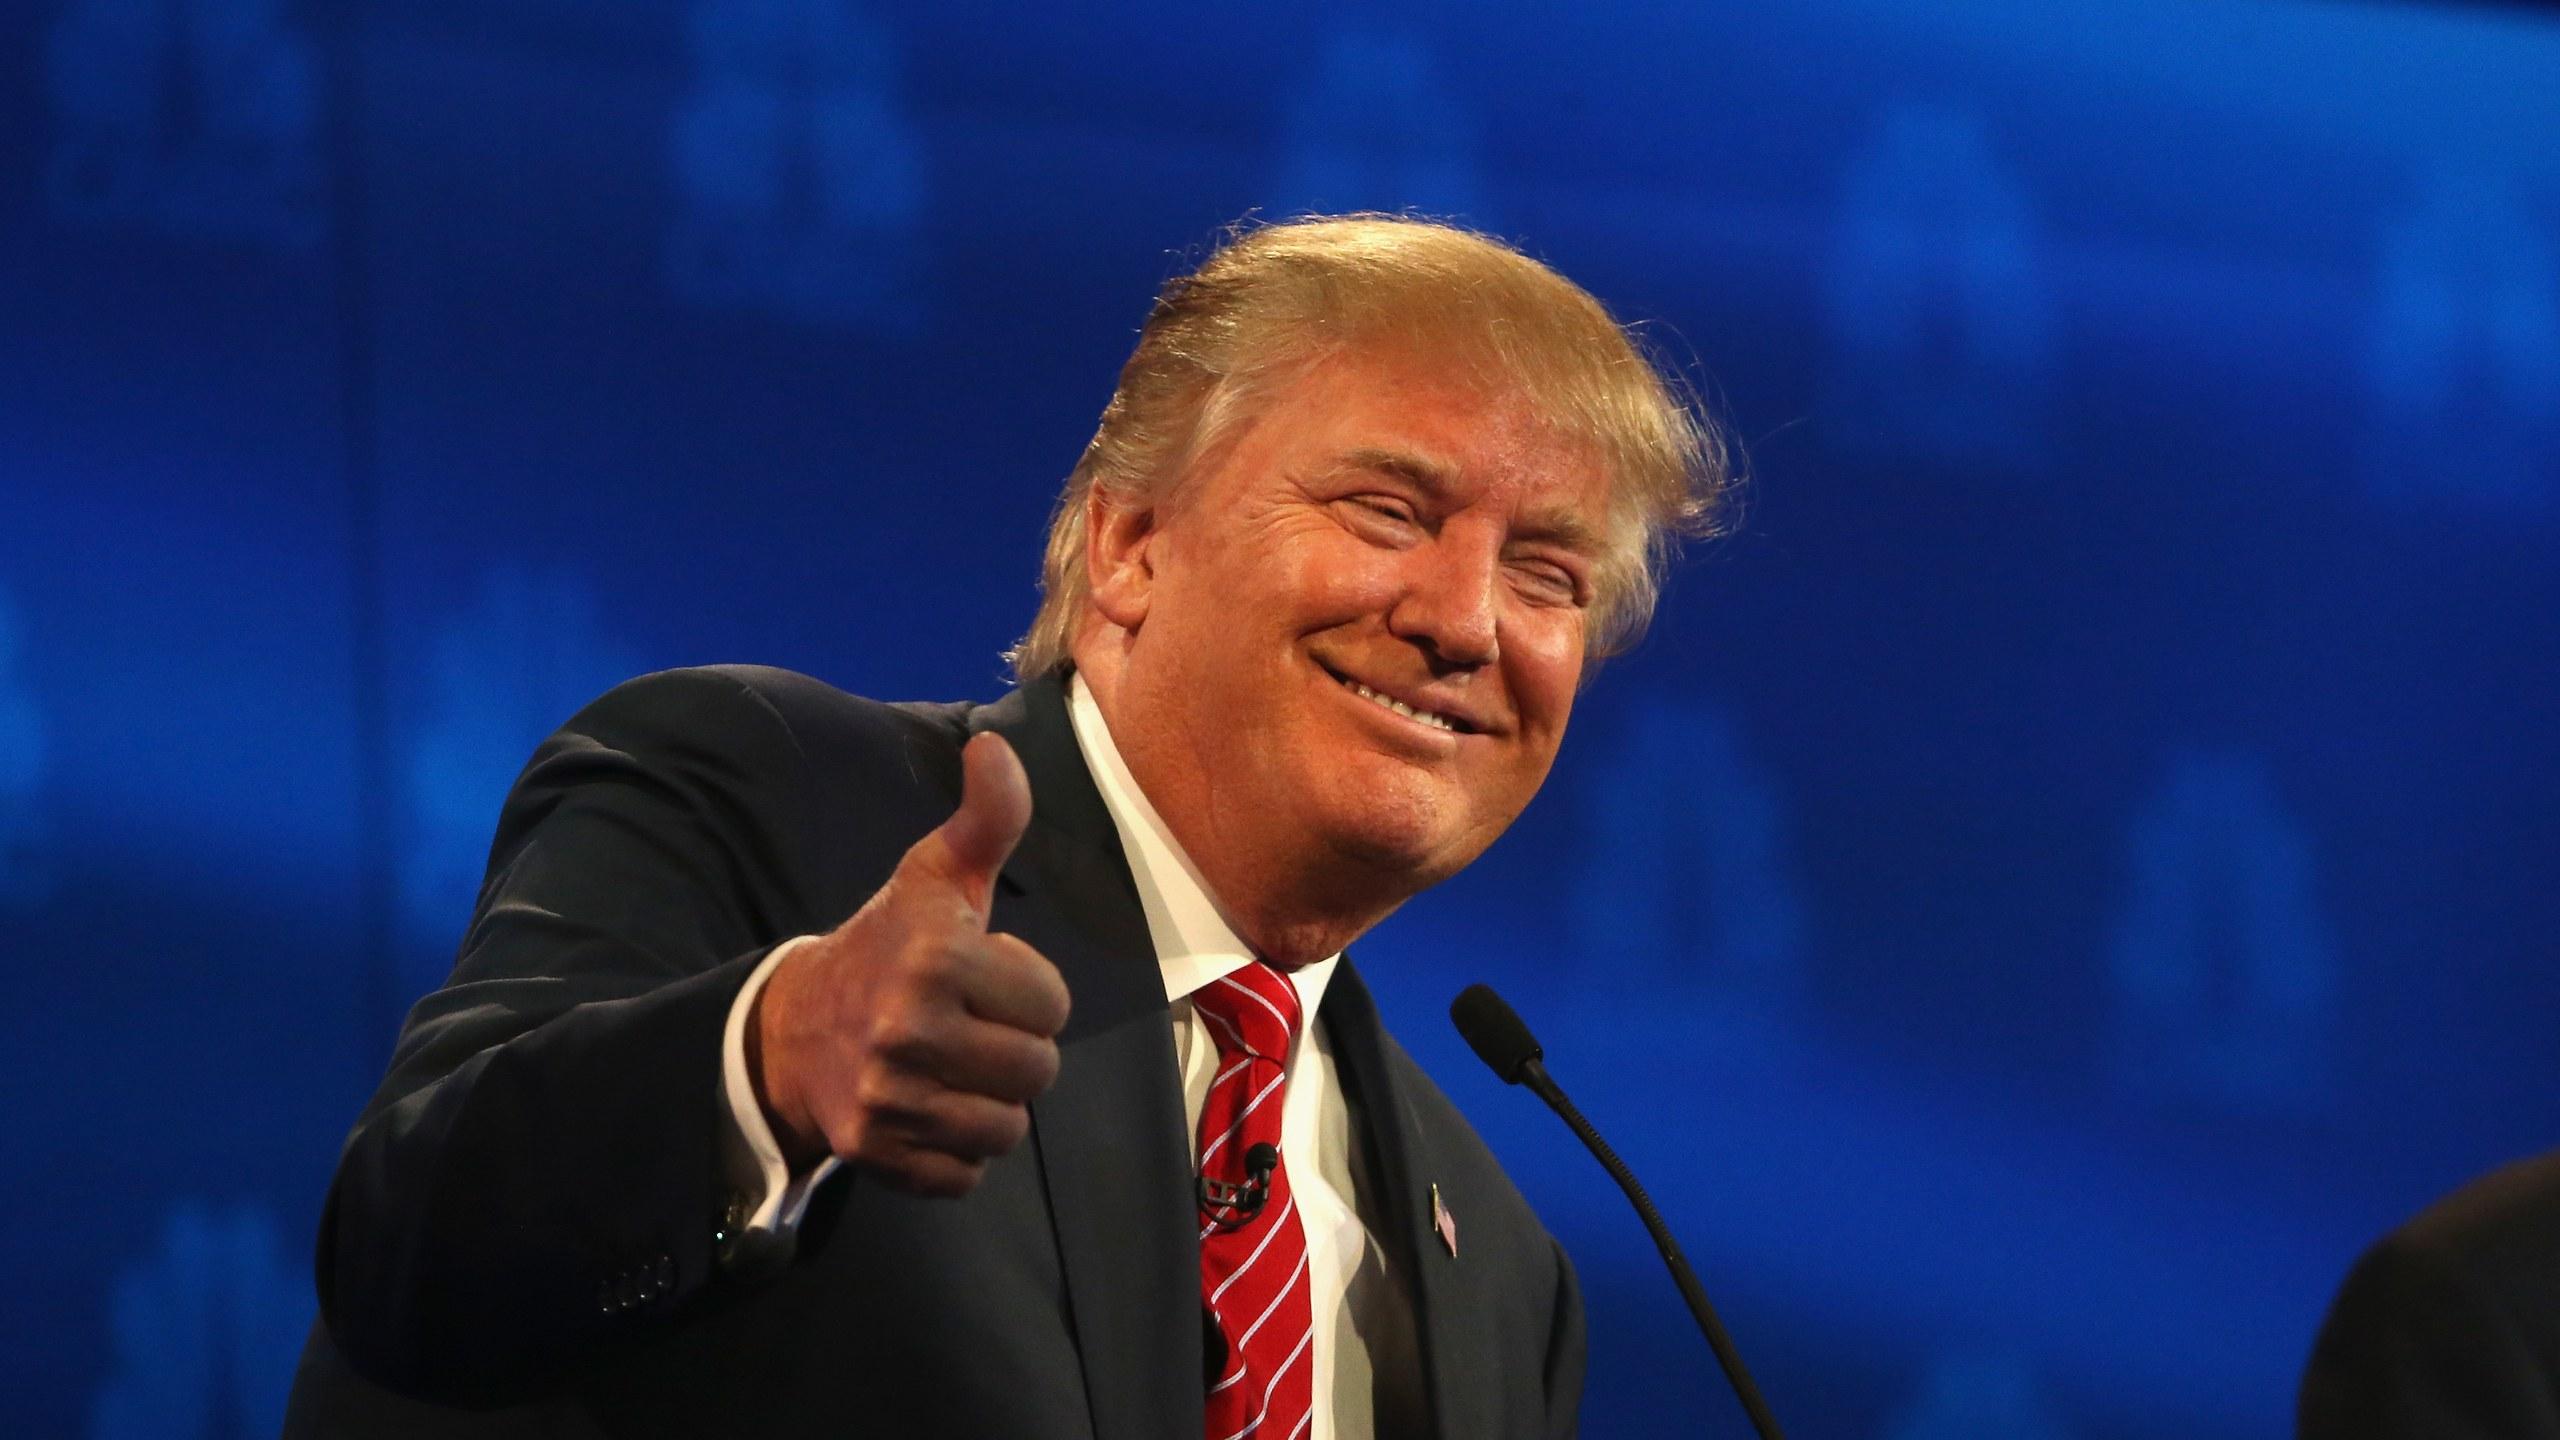 Donald Trump Dari Negeri Singa: Meningkatkan Percaya Diri Dengan Hipnoterapi